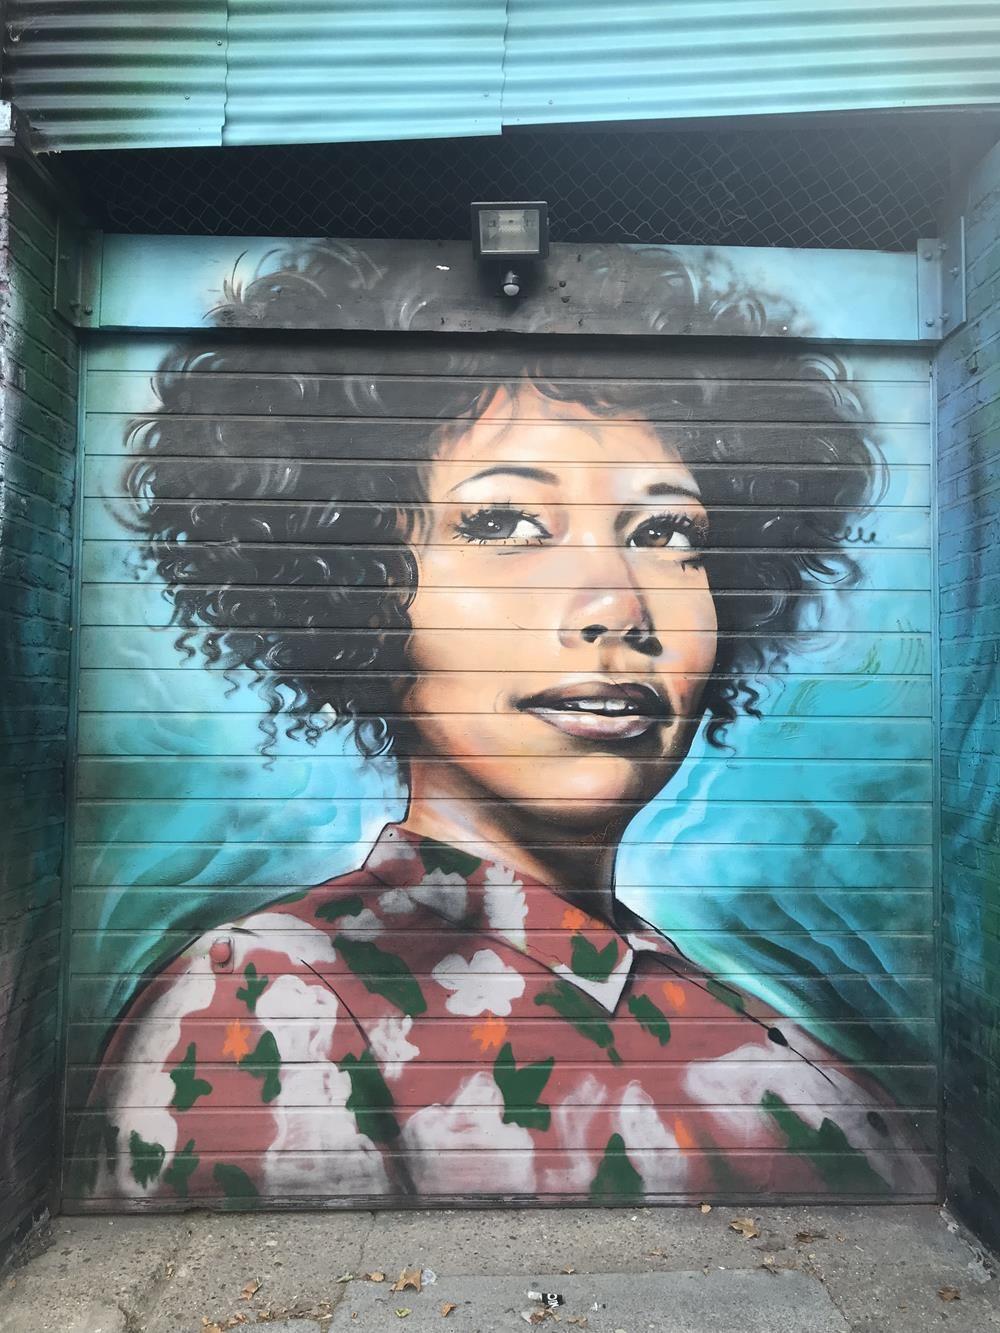 Shoreditch Graffiti: The Best Shoreditch Street Art